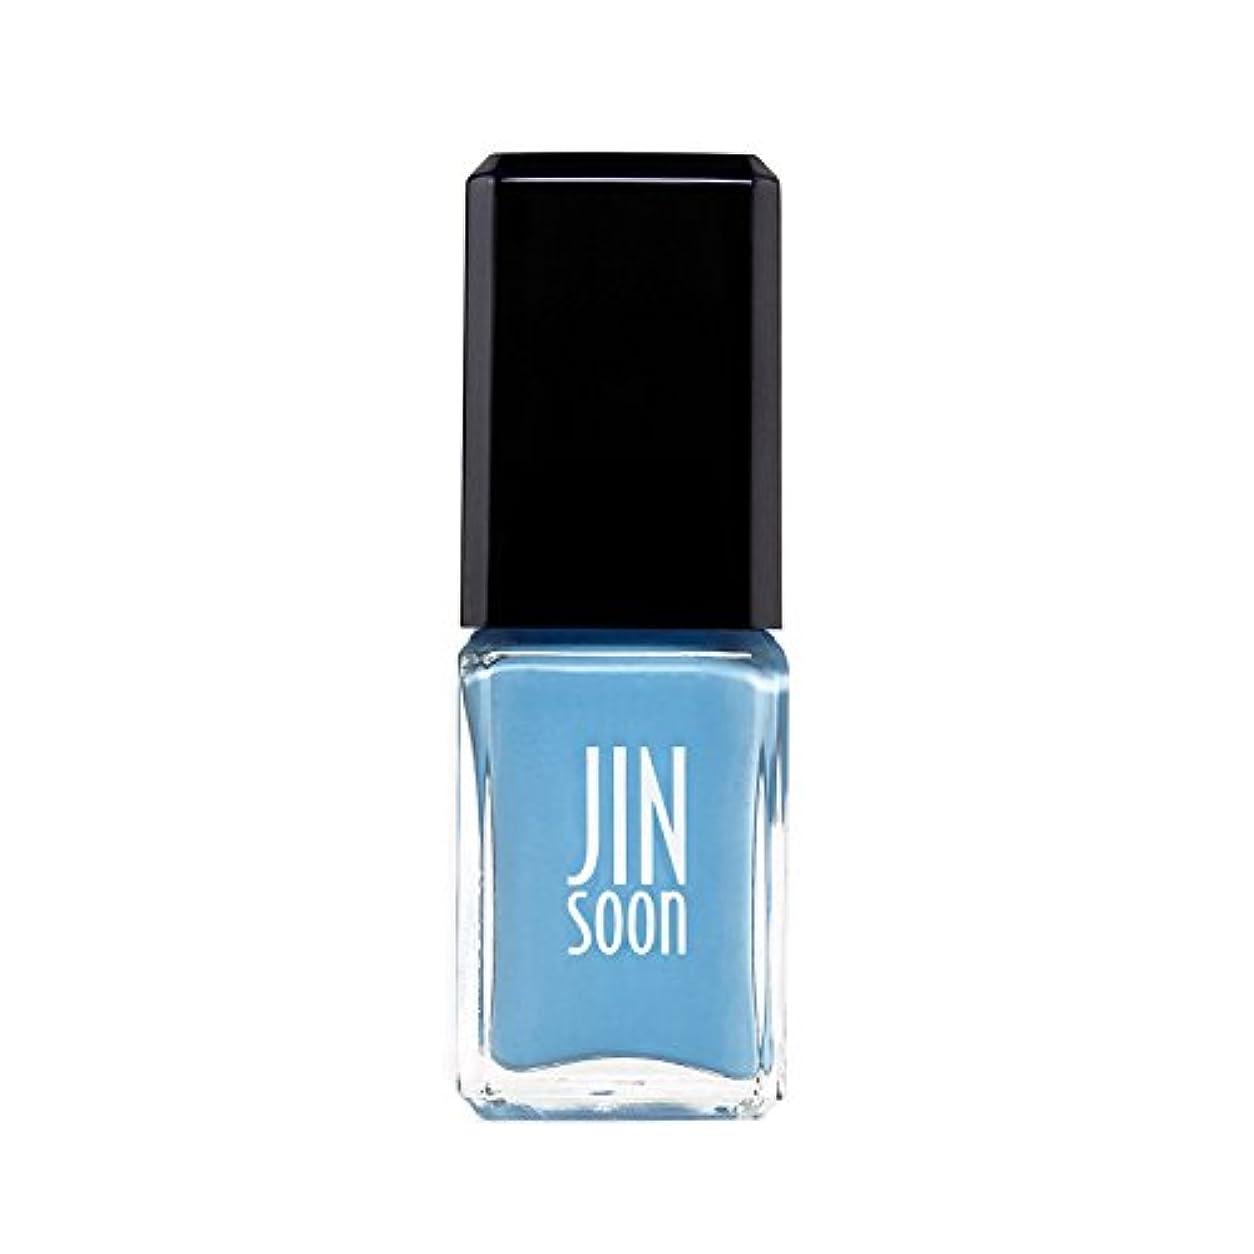 後森林に勝る[ジンスーン] [ jinsoon] エアロ(マヤブルー) AERO ジンスーン 5フリー ネイルポリッシュ【ブルー】